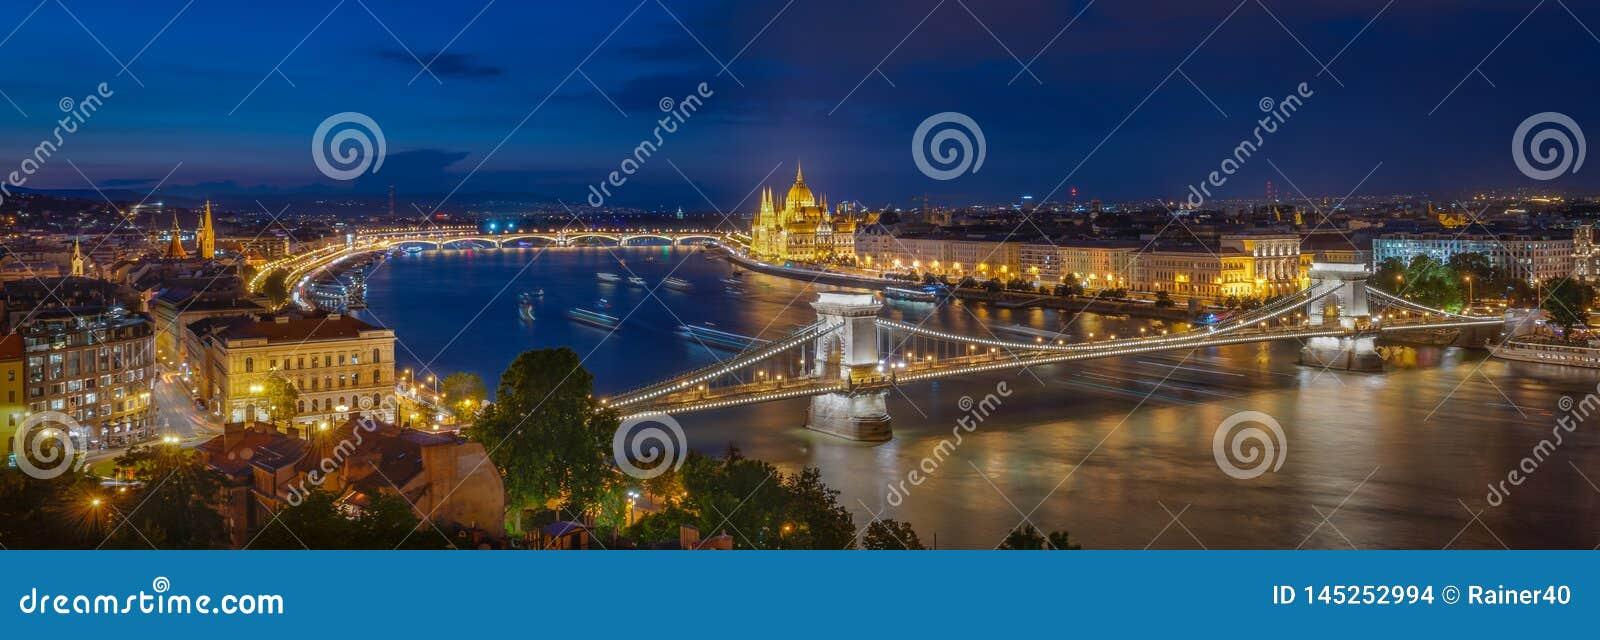 Ορίζοντας της Βουδαπέστης